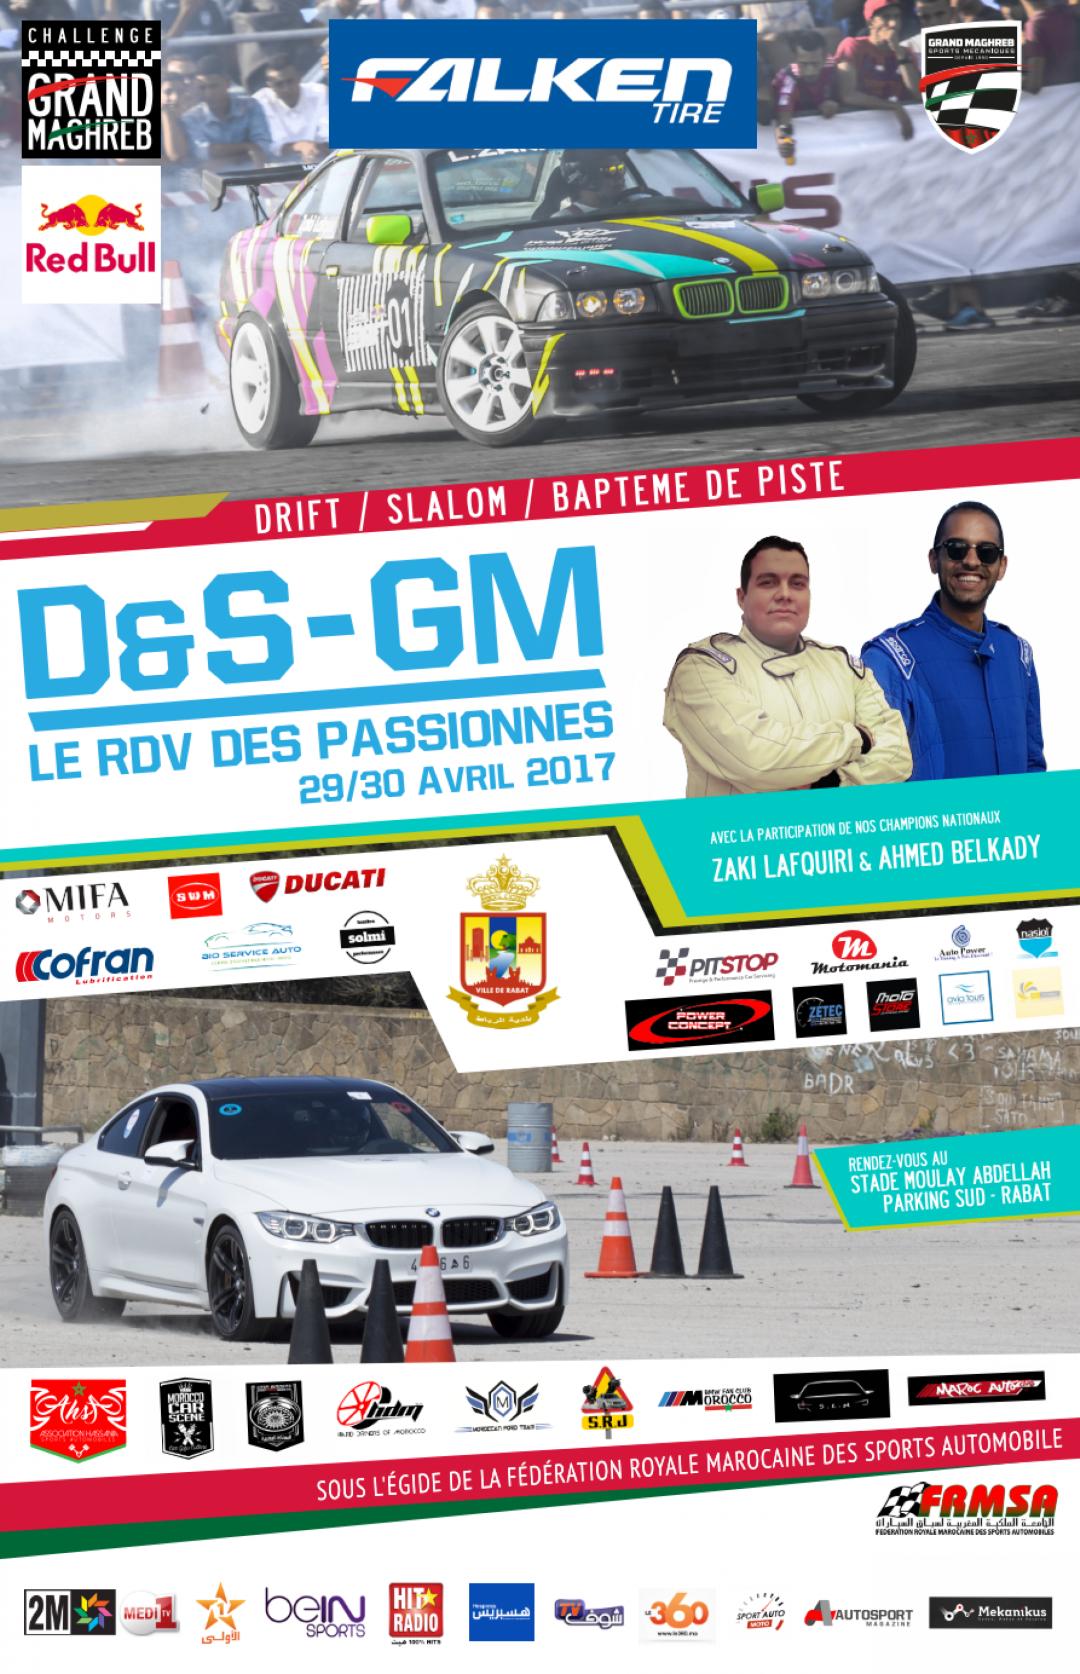 D&S-GM 2017 RDV incontournable